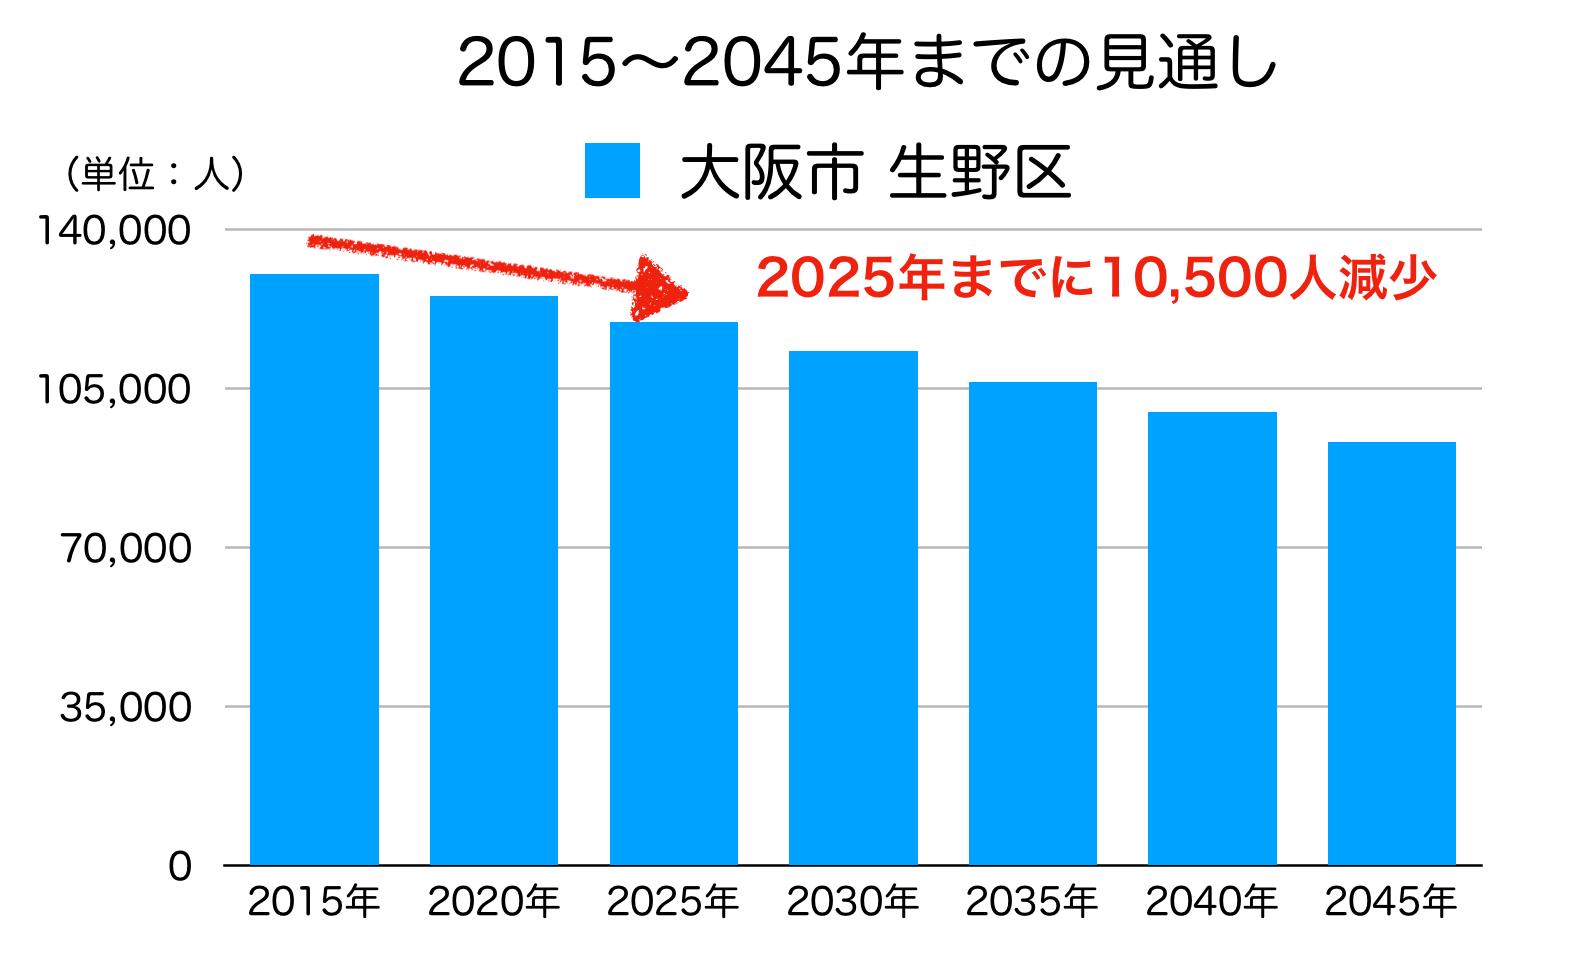 生野区の人口予測